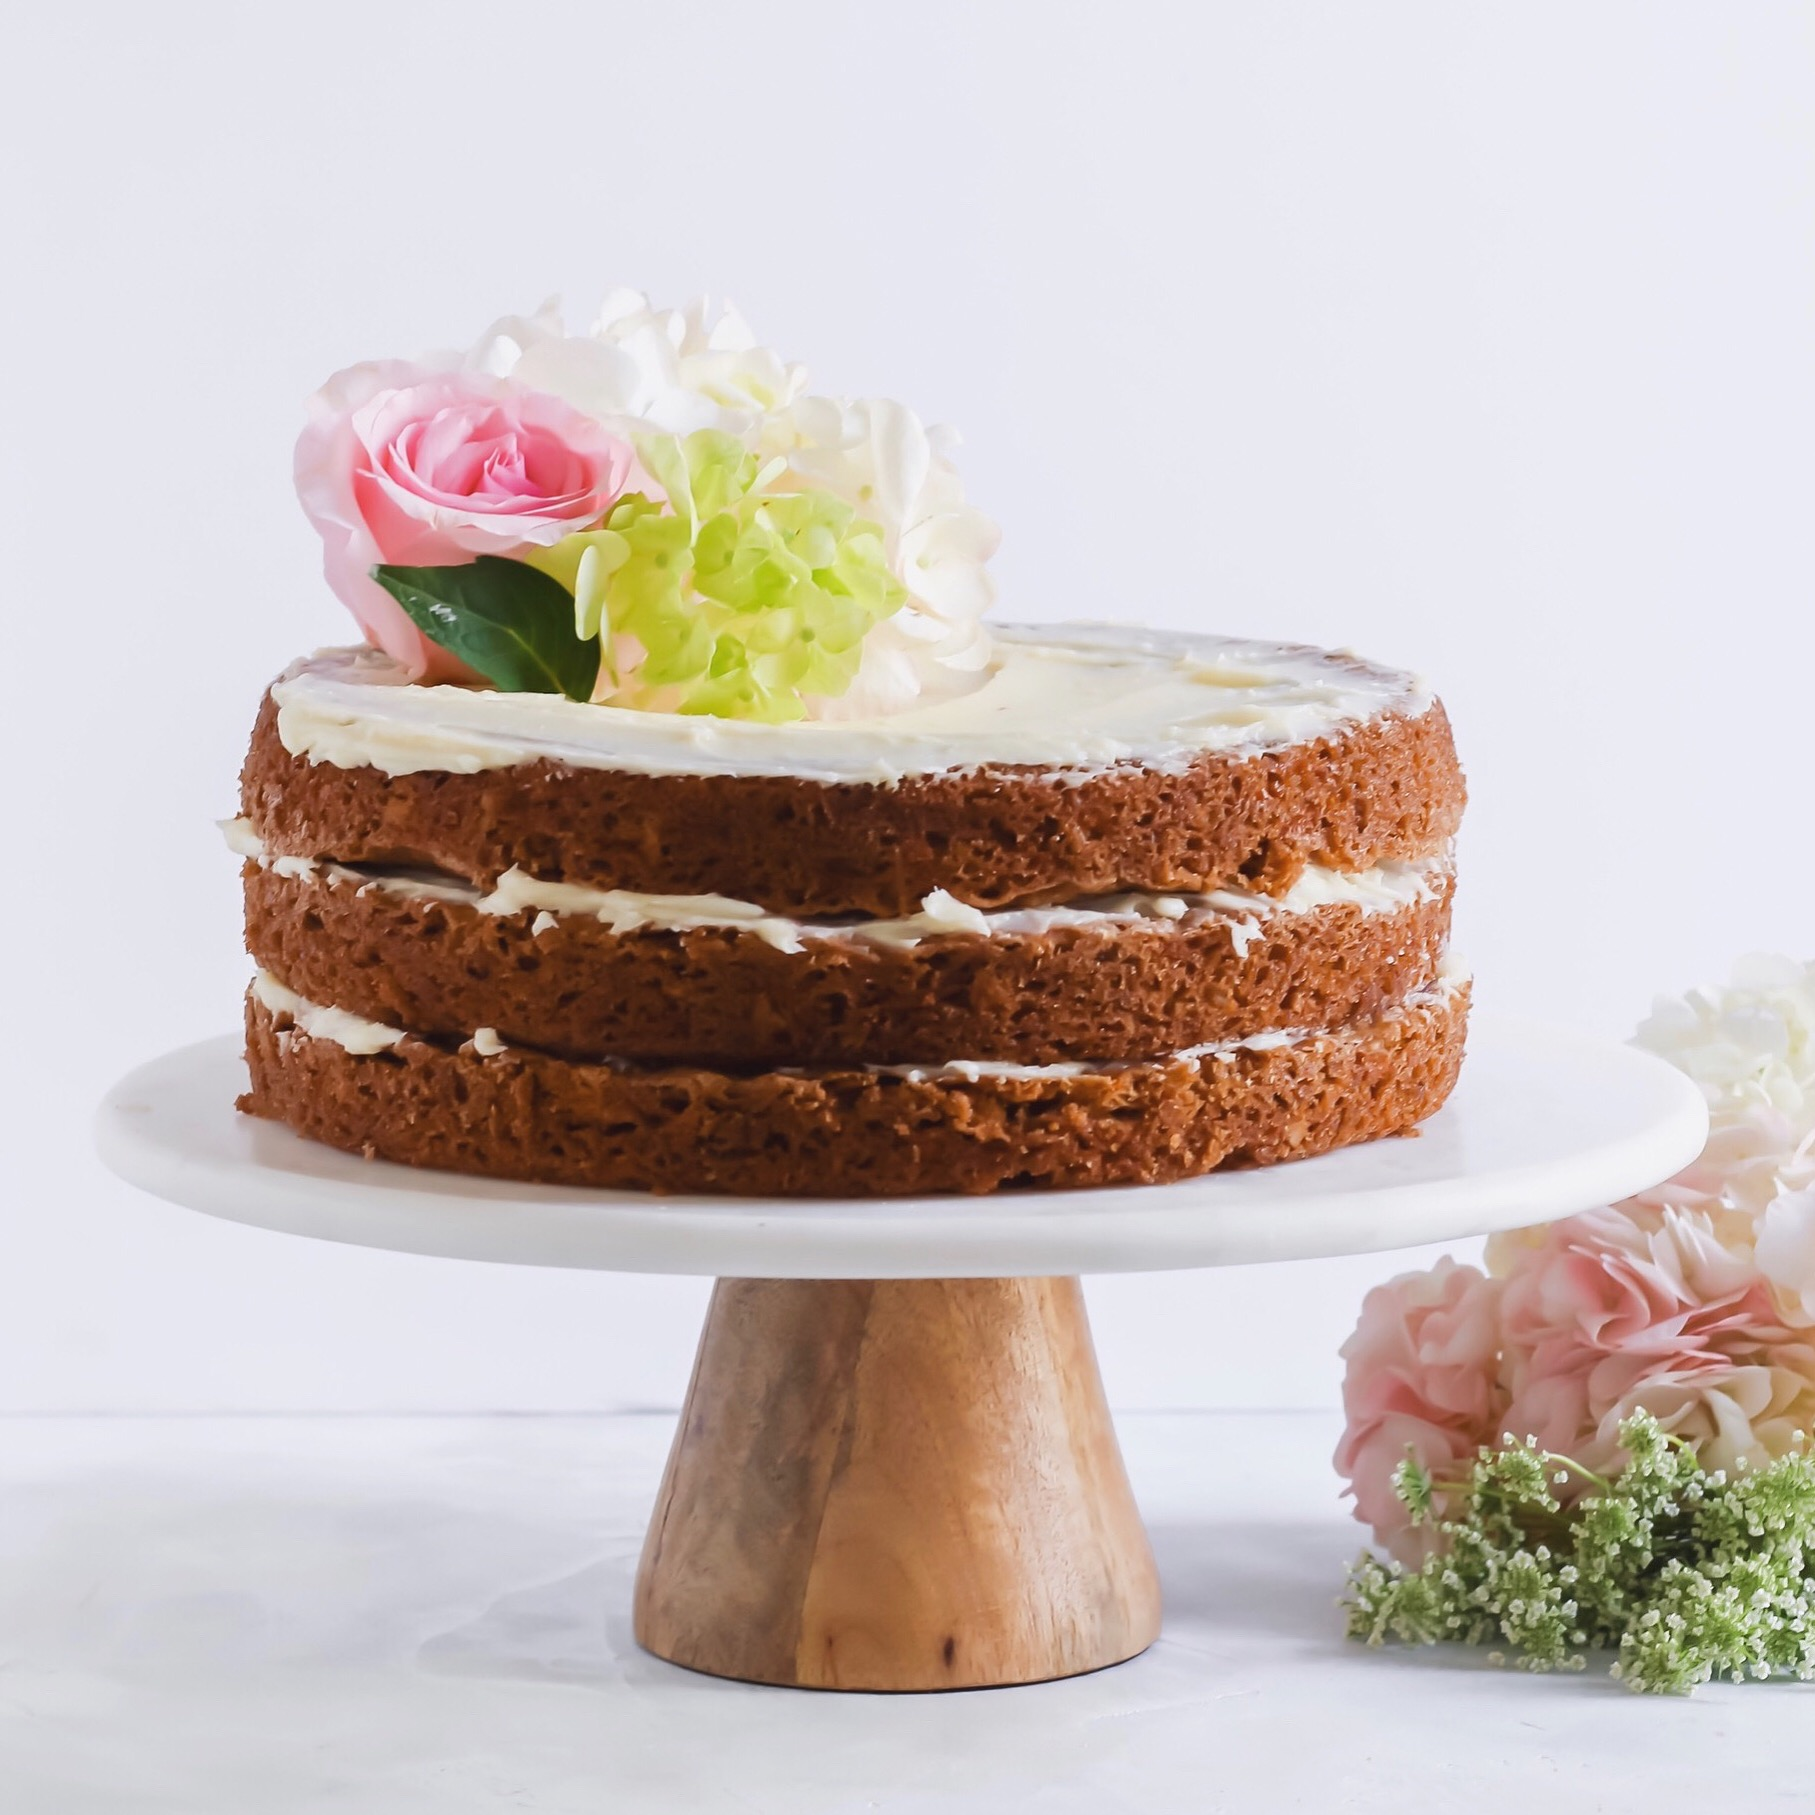 Naked Carrot Cake - Macphie